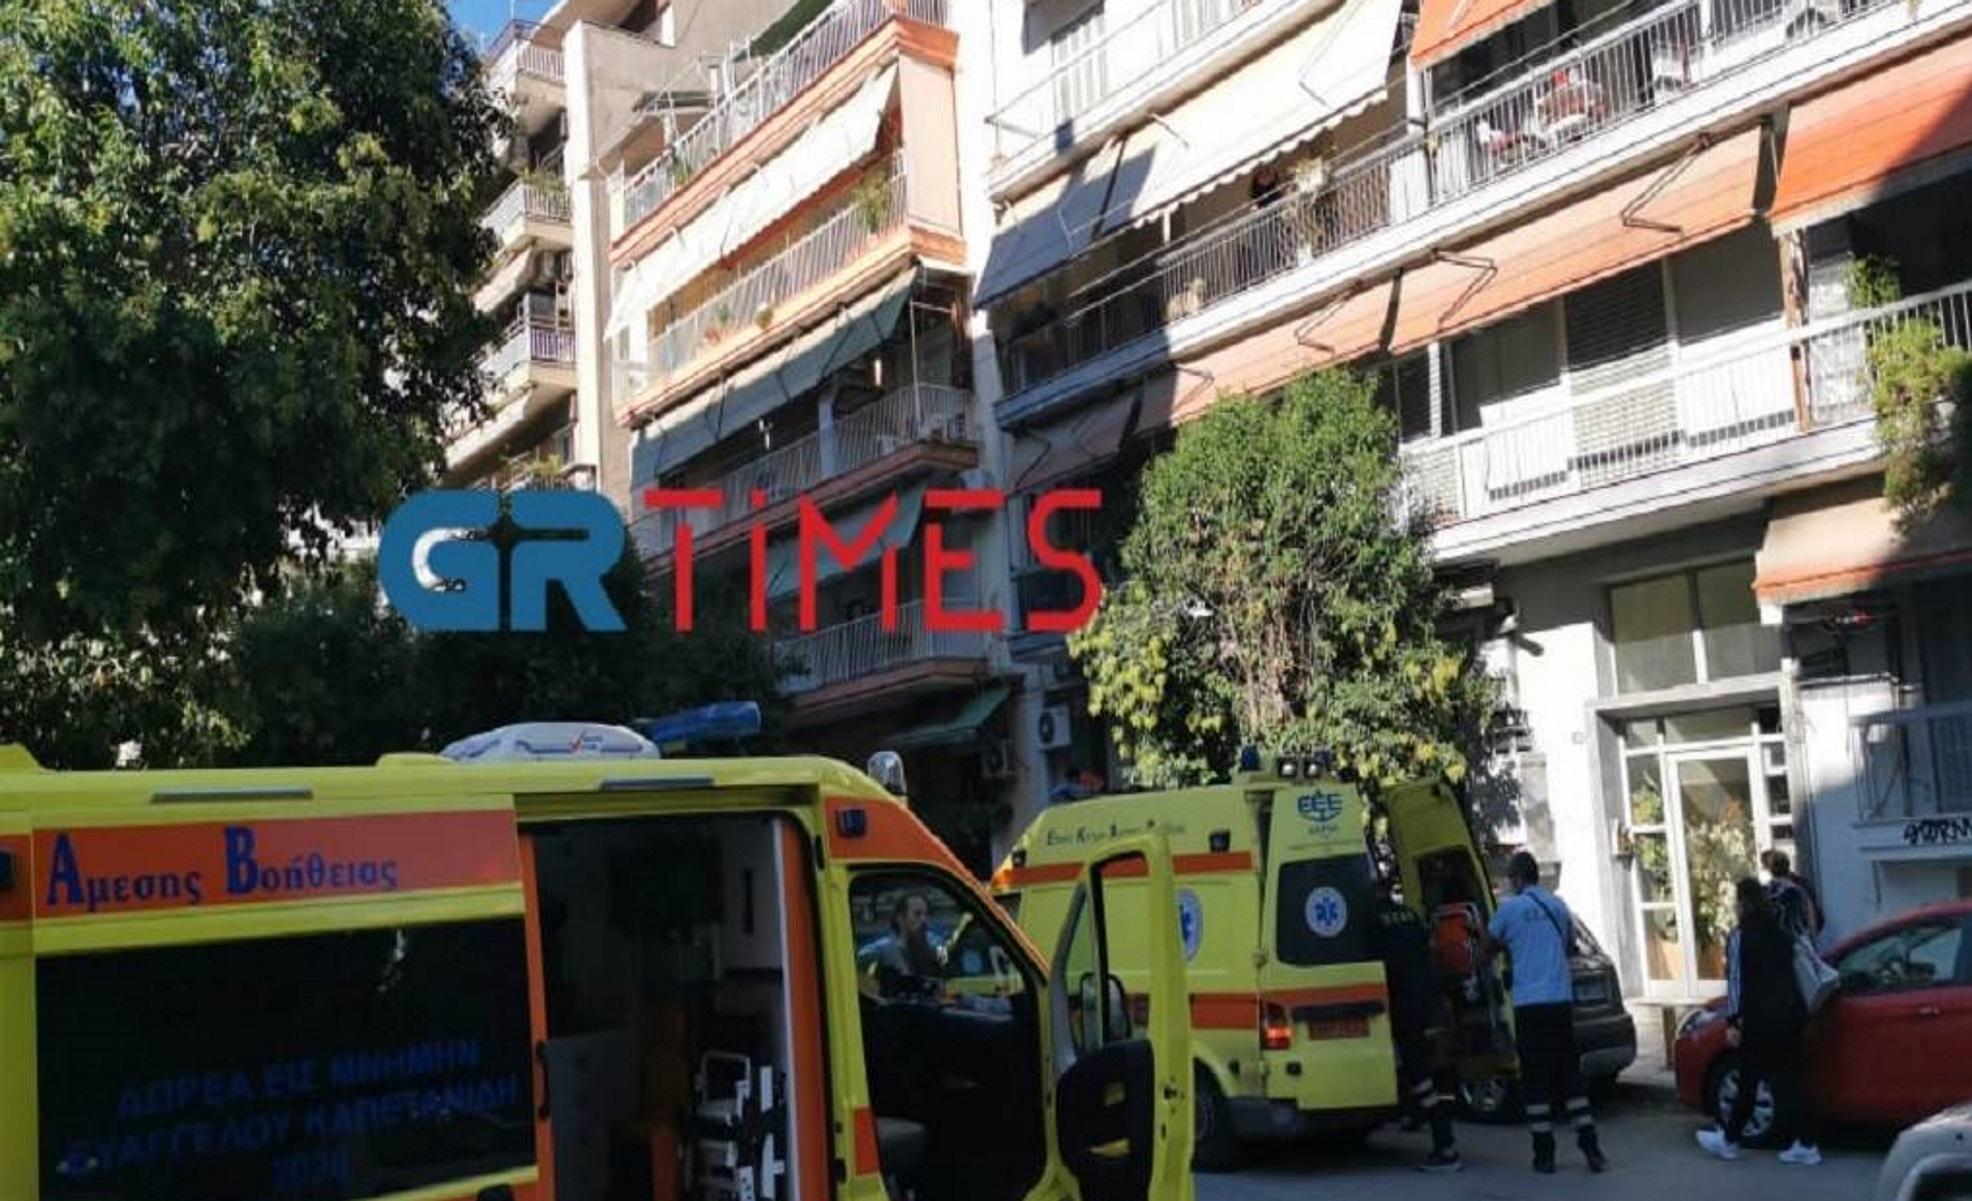 Θεσσαλονίκη: Άνδρας έπεσε από τον 2ο όροφο – Μεταφέρθηκε στο νοσοκομείο Παπαγεωργίου